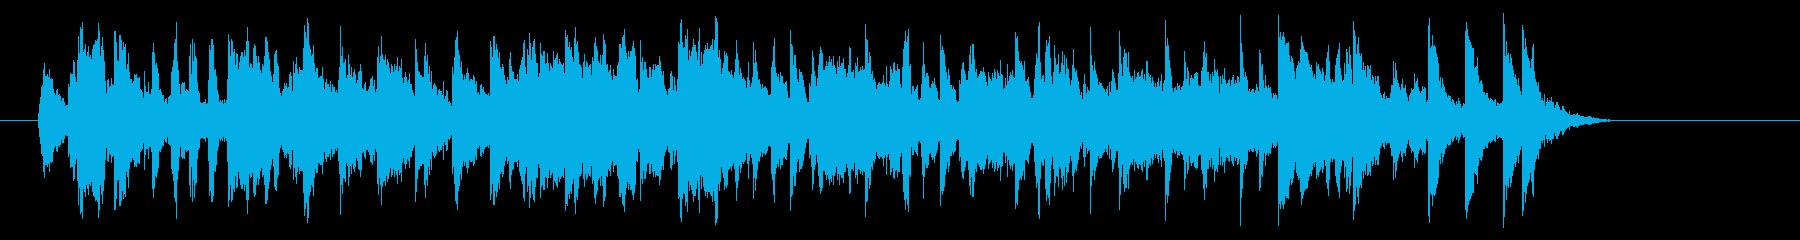 ファンキーな30秒オープニングの再生済みの波形